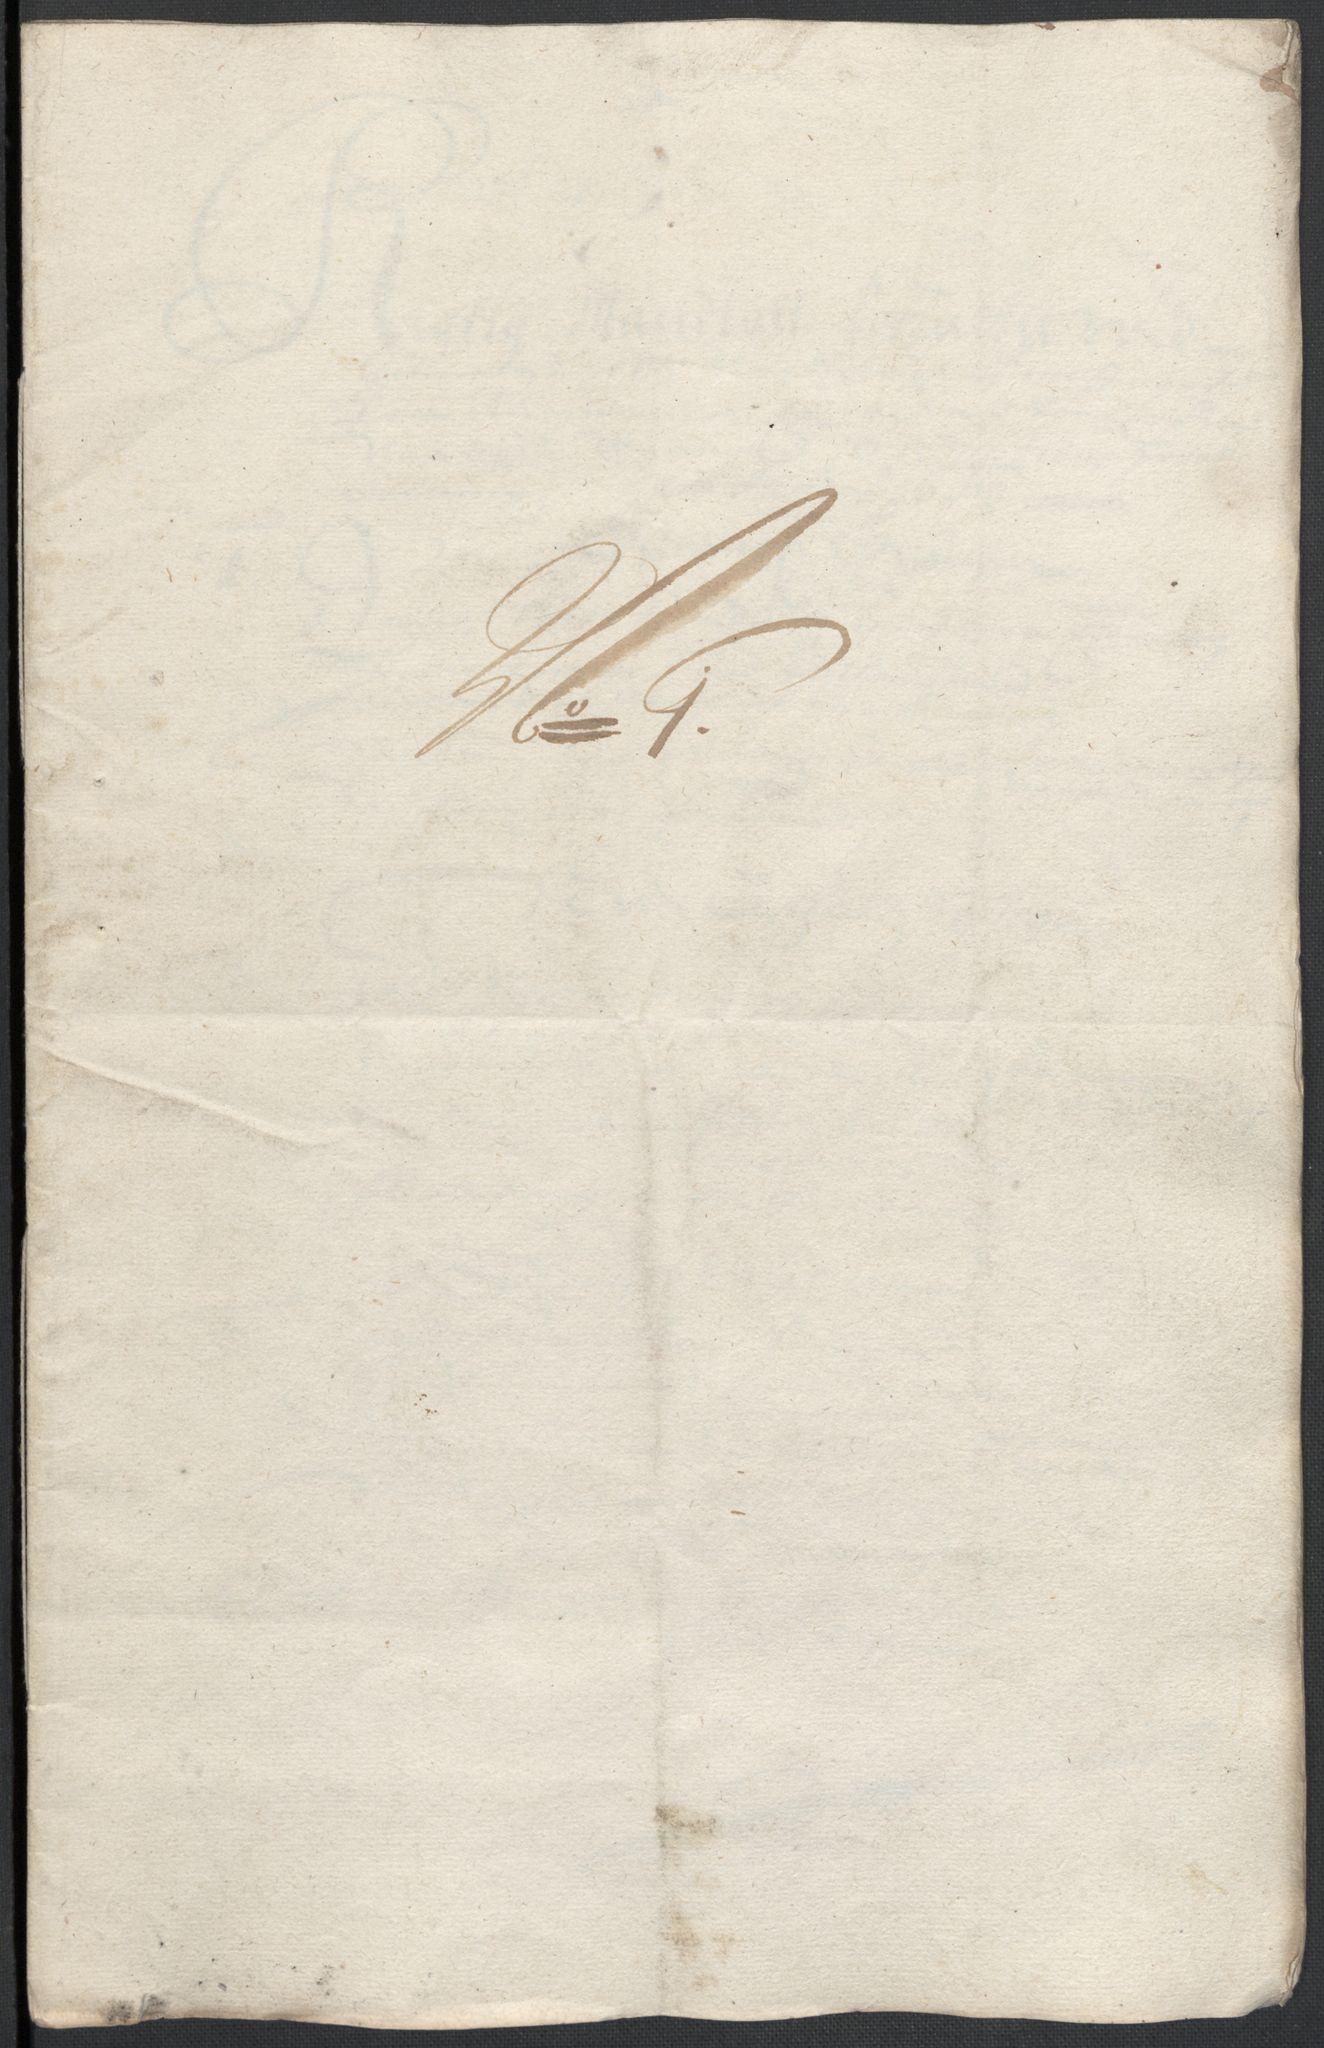 RA, Rentekammeret inntil 1814, Reviderte regnskaper, Fogderegnskap, R21/L1446: Fogderegnskap Ringerike og Hallingdal, 1683-1686, s. 127